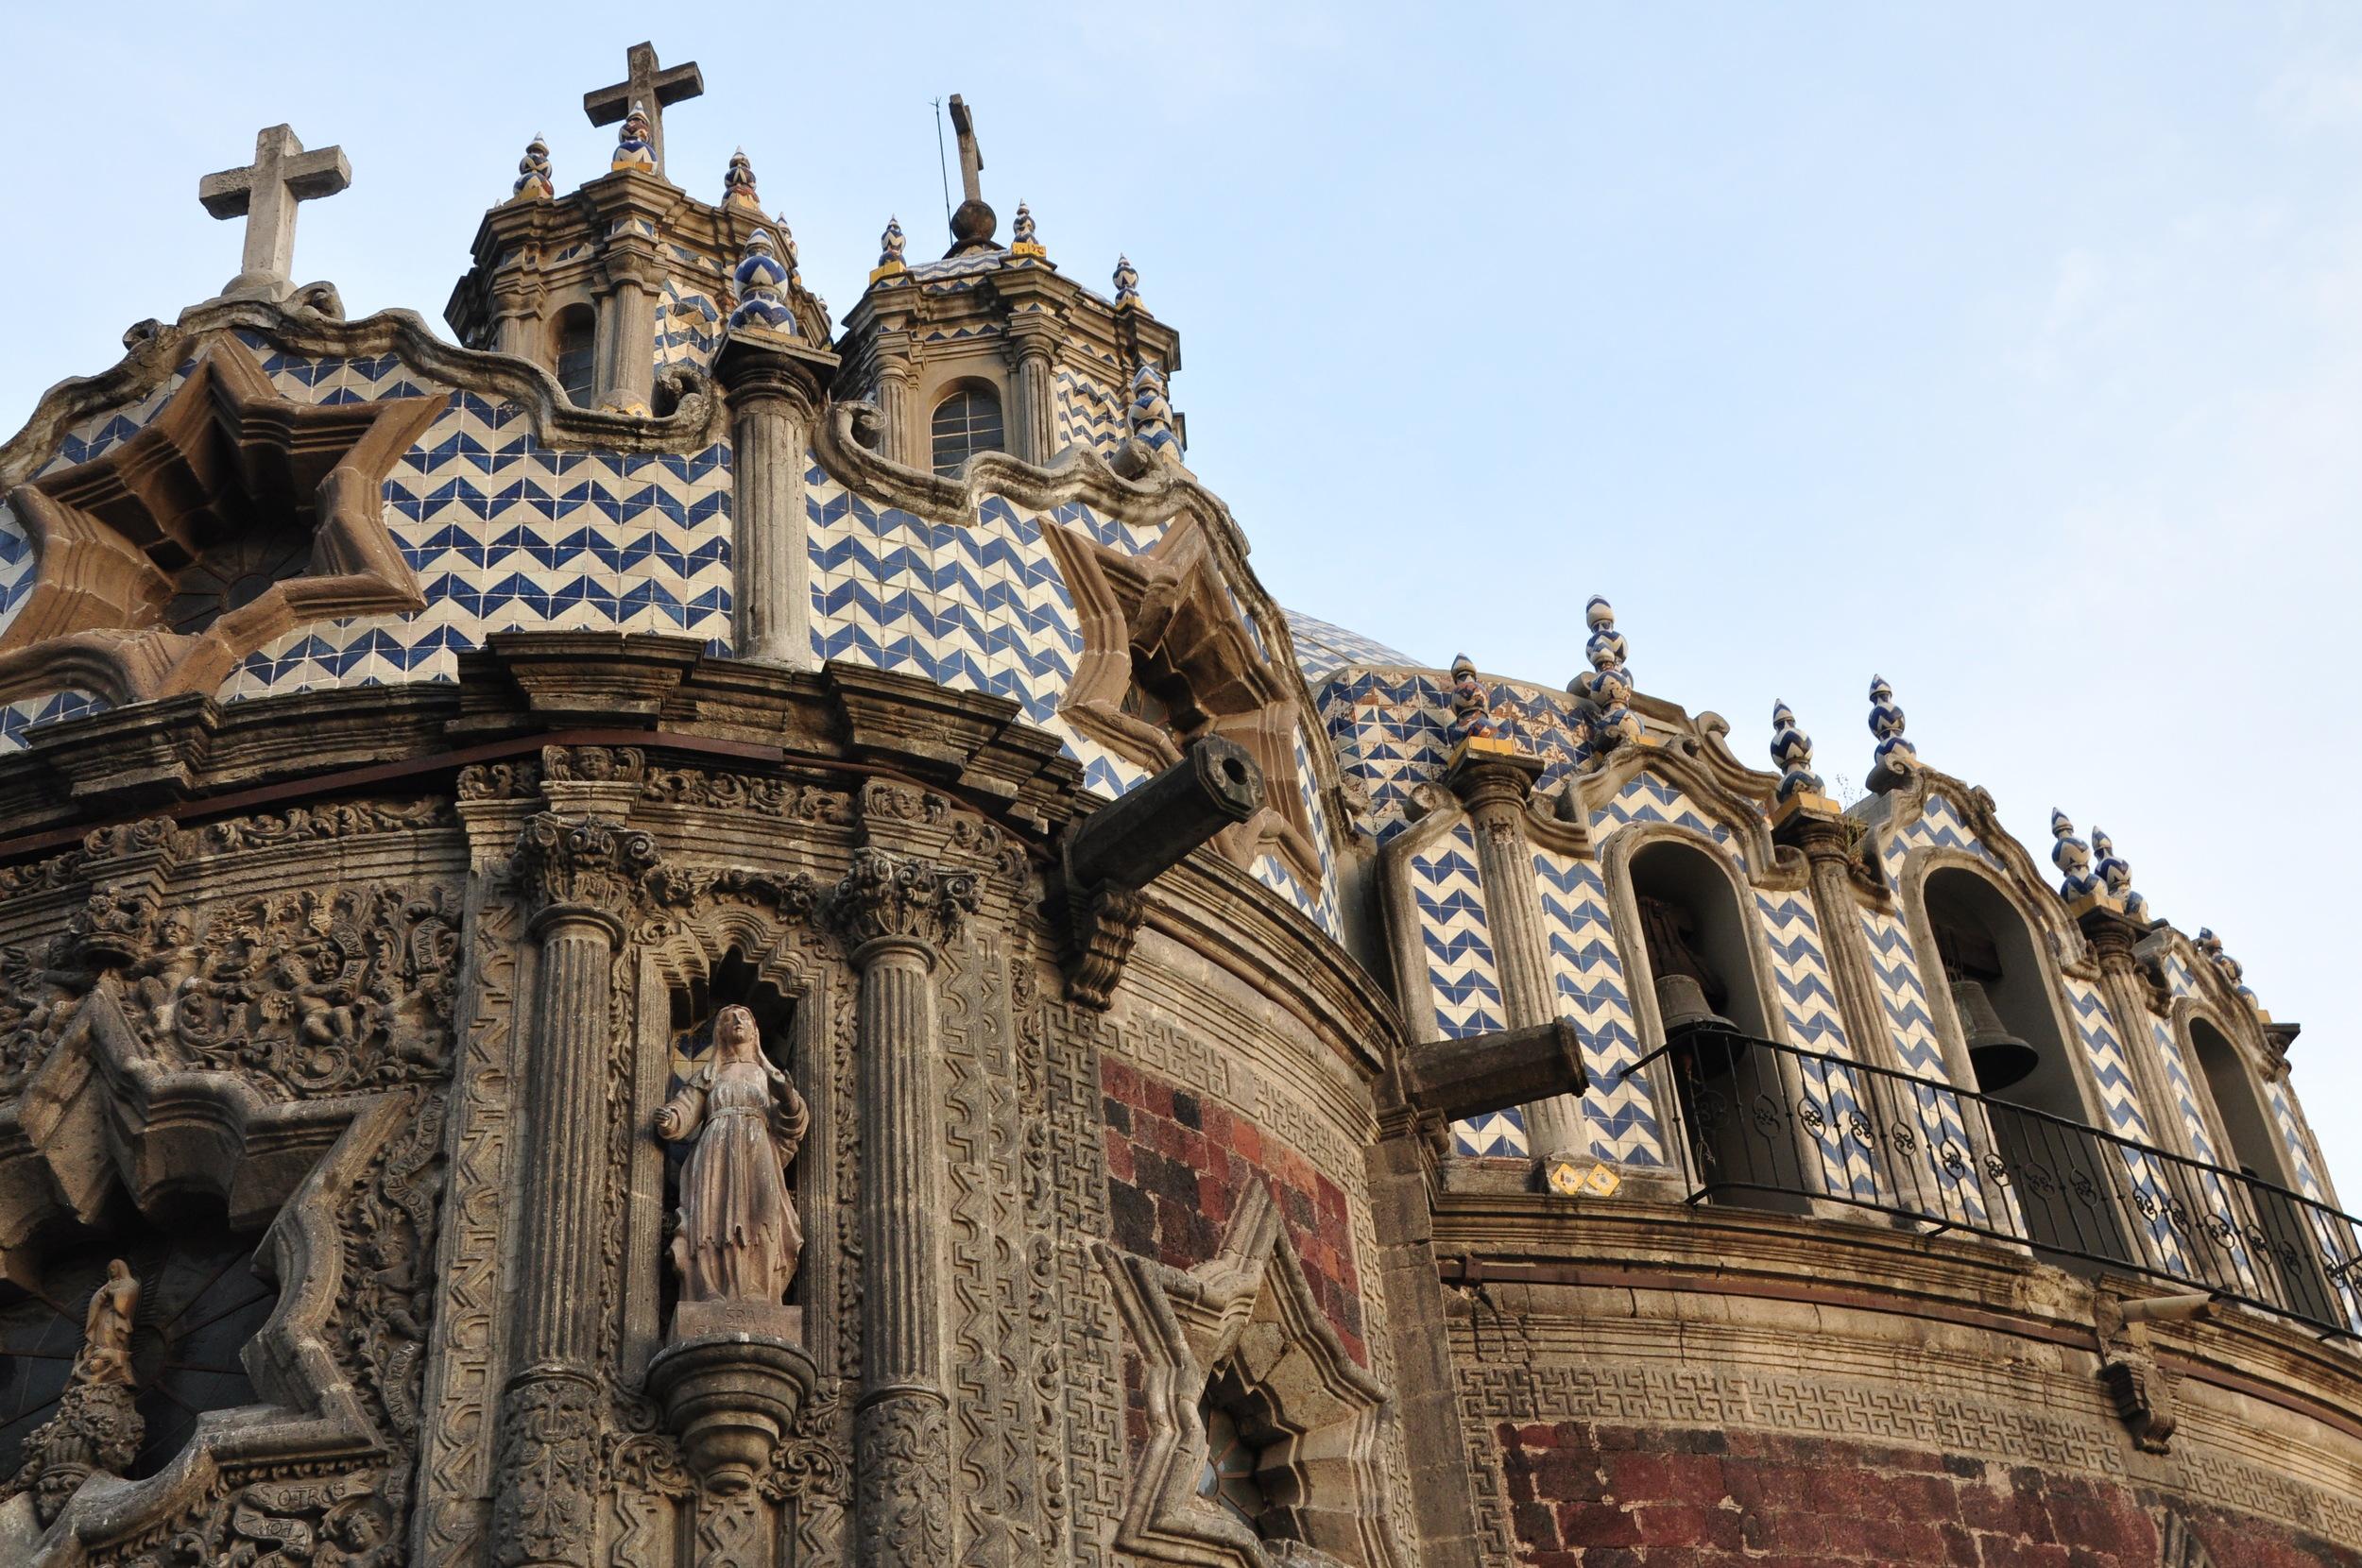 Basilica de Guadaloup, Centro Historico, Mexico City